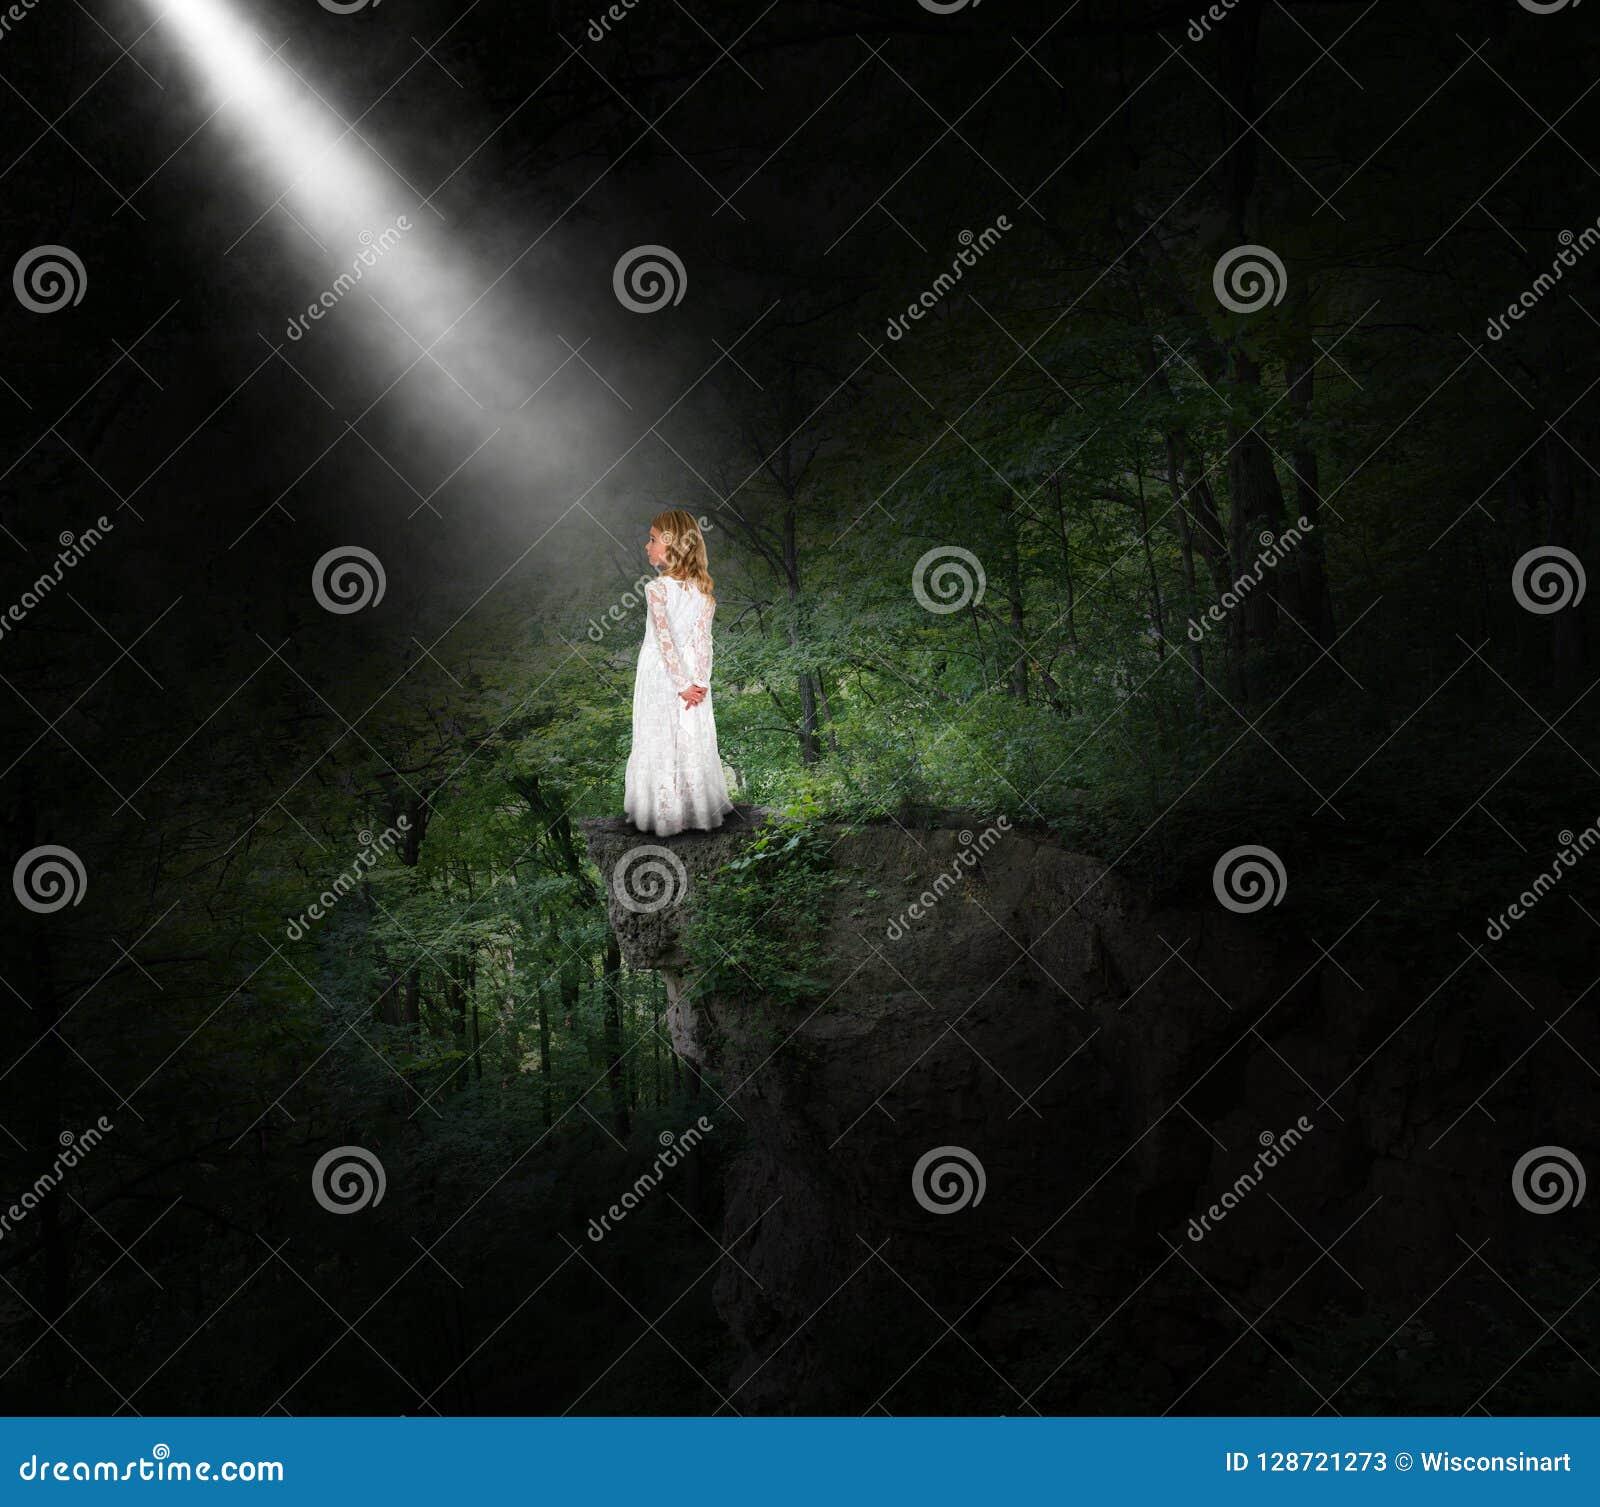 女孩,和平,希望,自然,森林